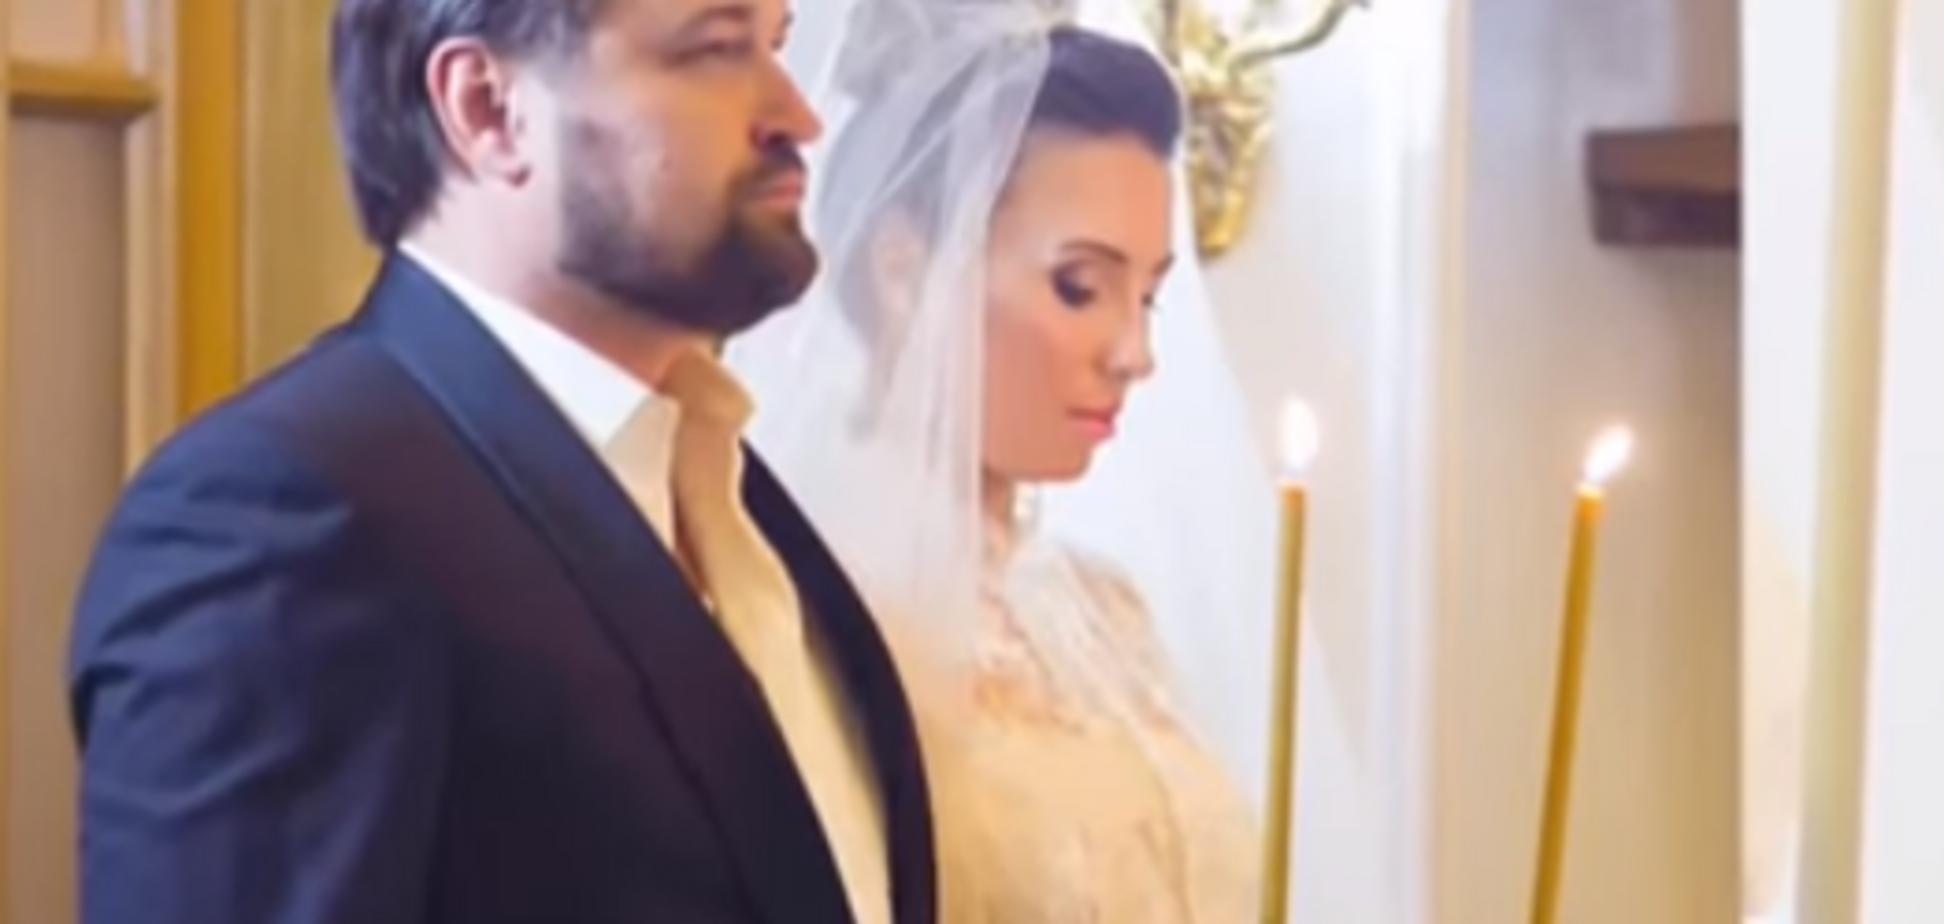 Сын Ющенко женился: появились эксклюзивные фото со свадьбы